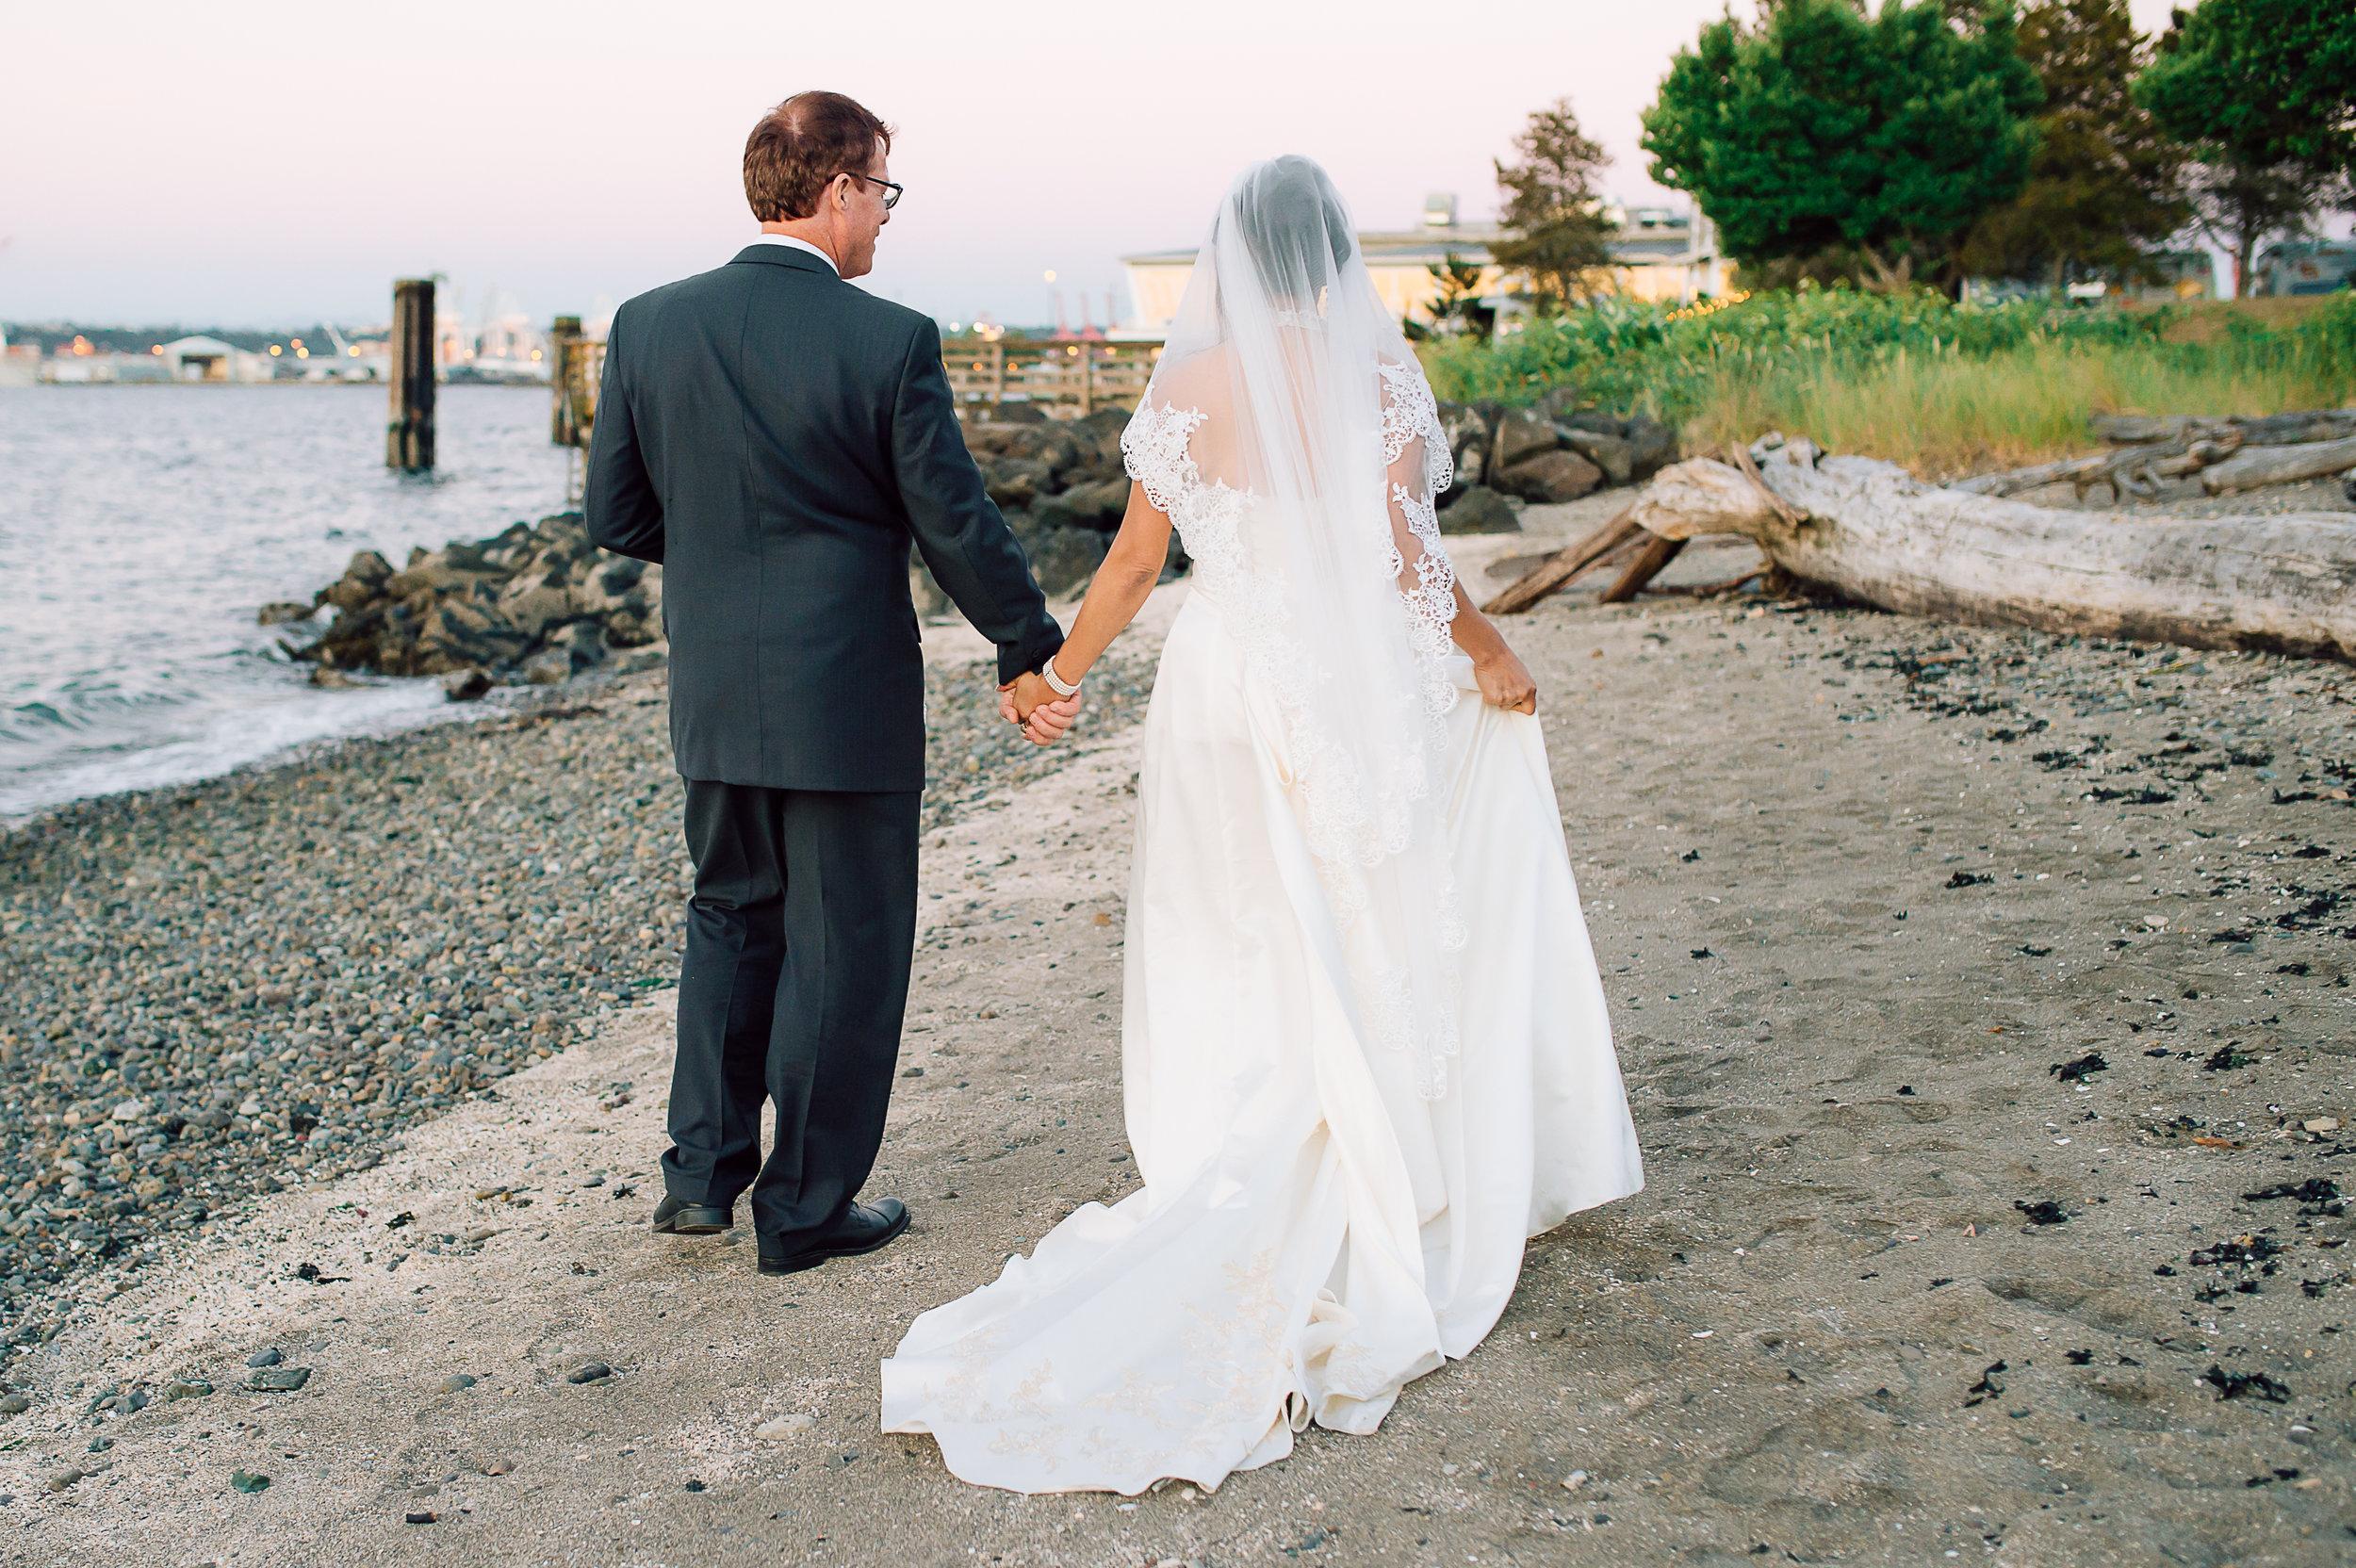 destinationwedding_Seattle_virginiaphotographer_youseephotography_LidiaOtto (766).jpg